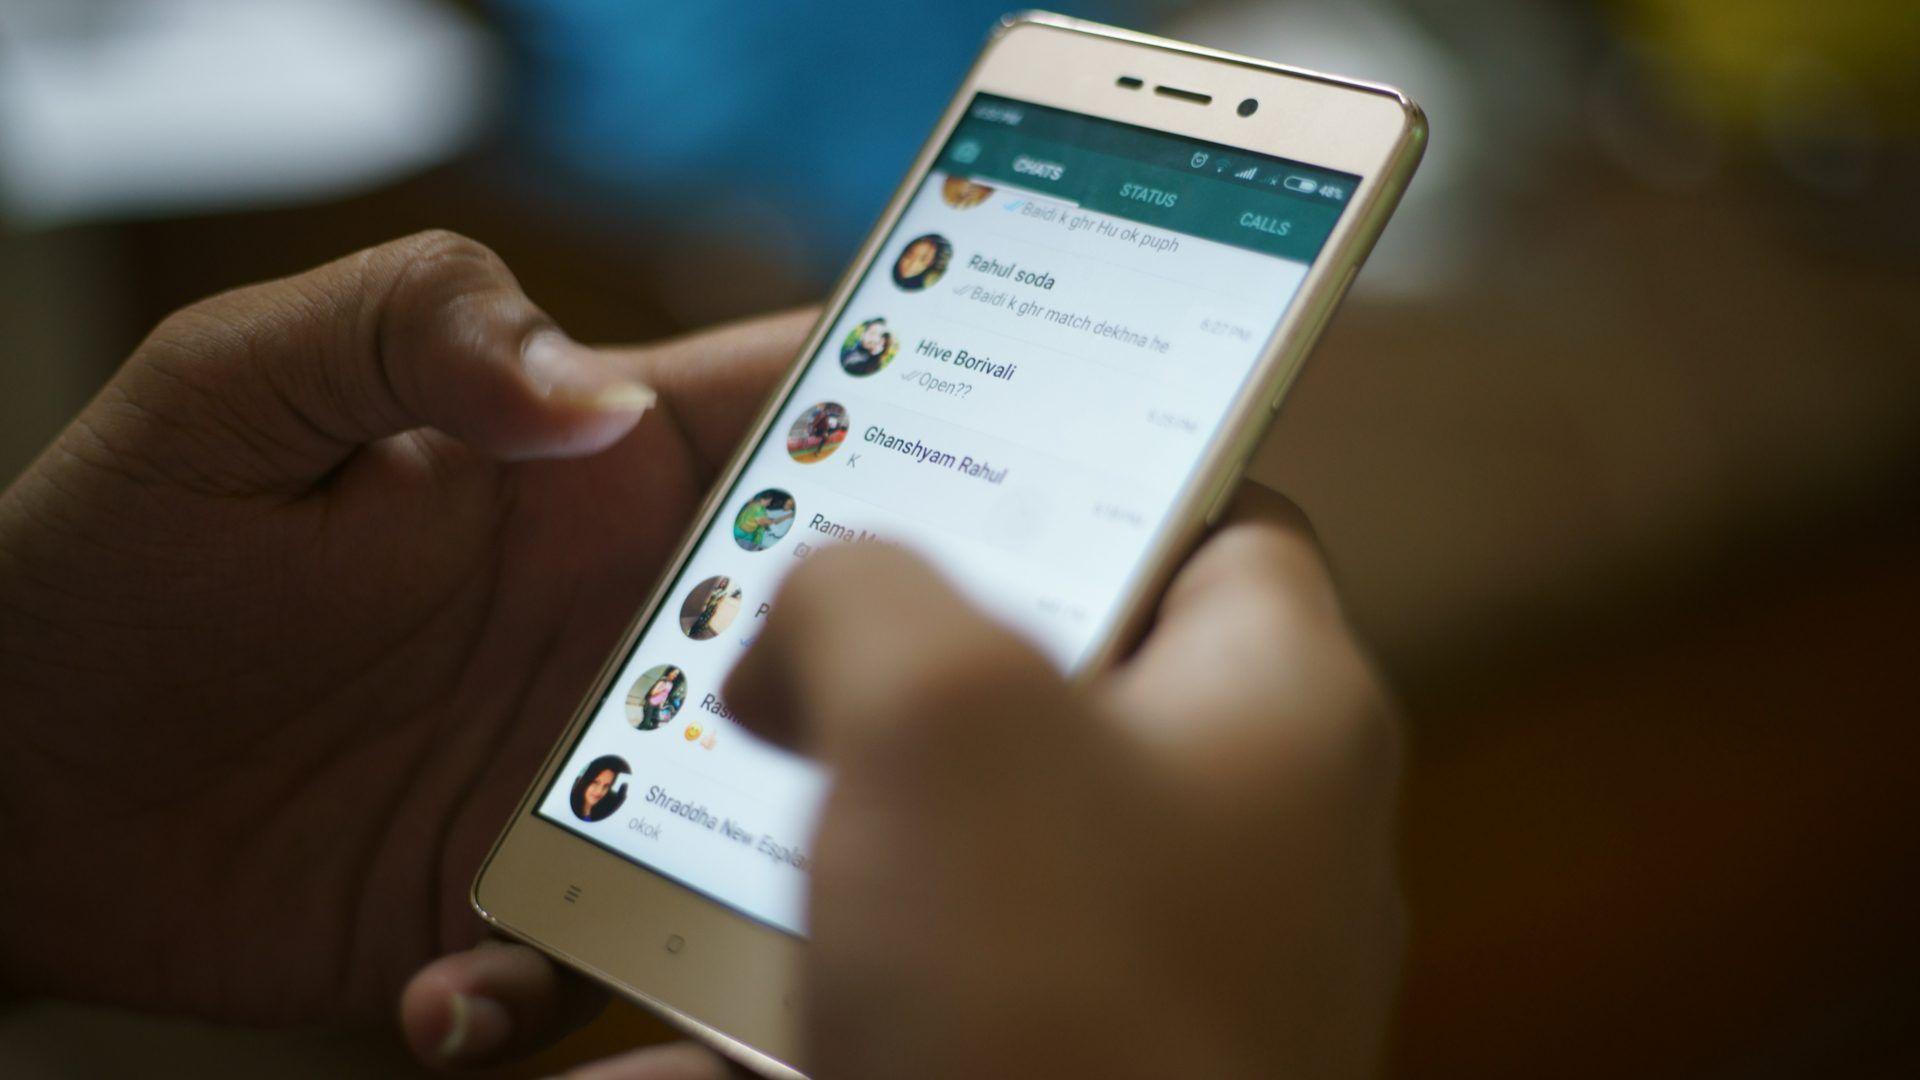 Imagem de duas mãos usando o WhatsApp em um celular